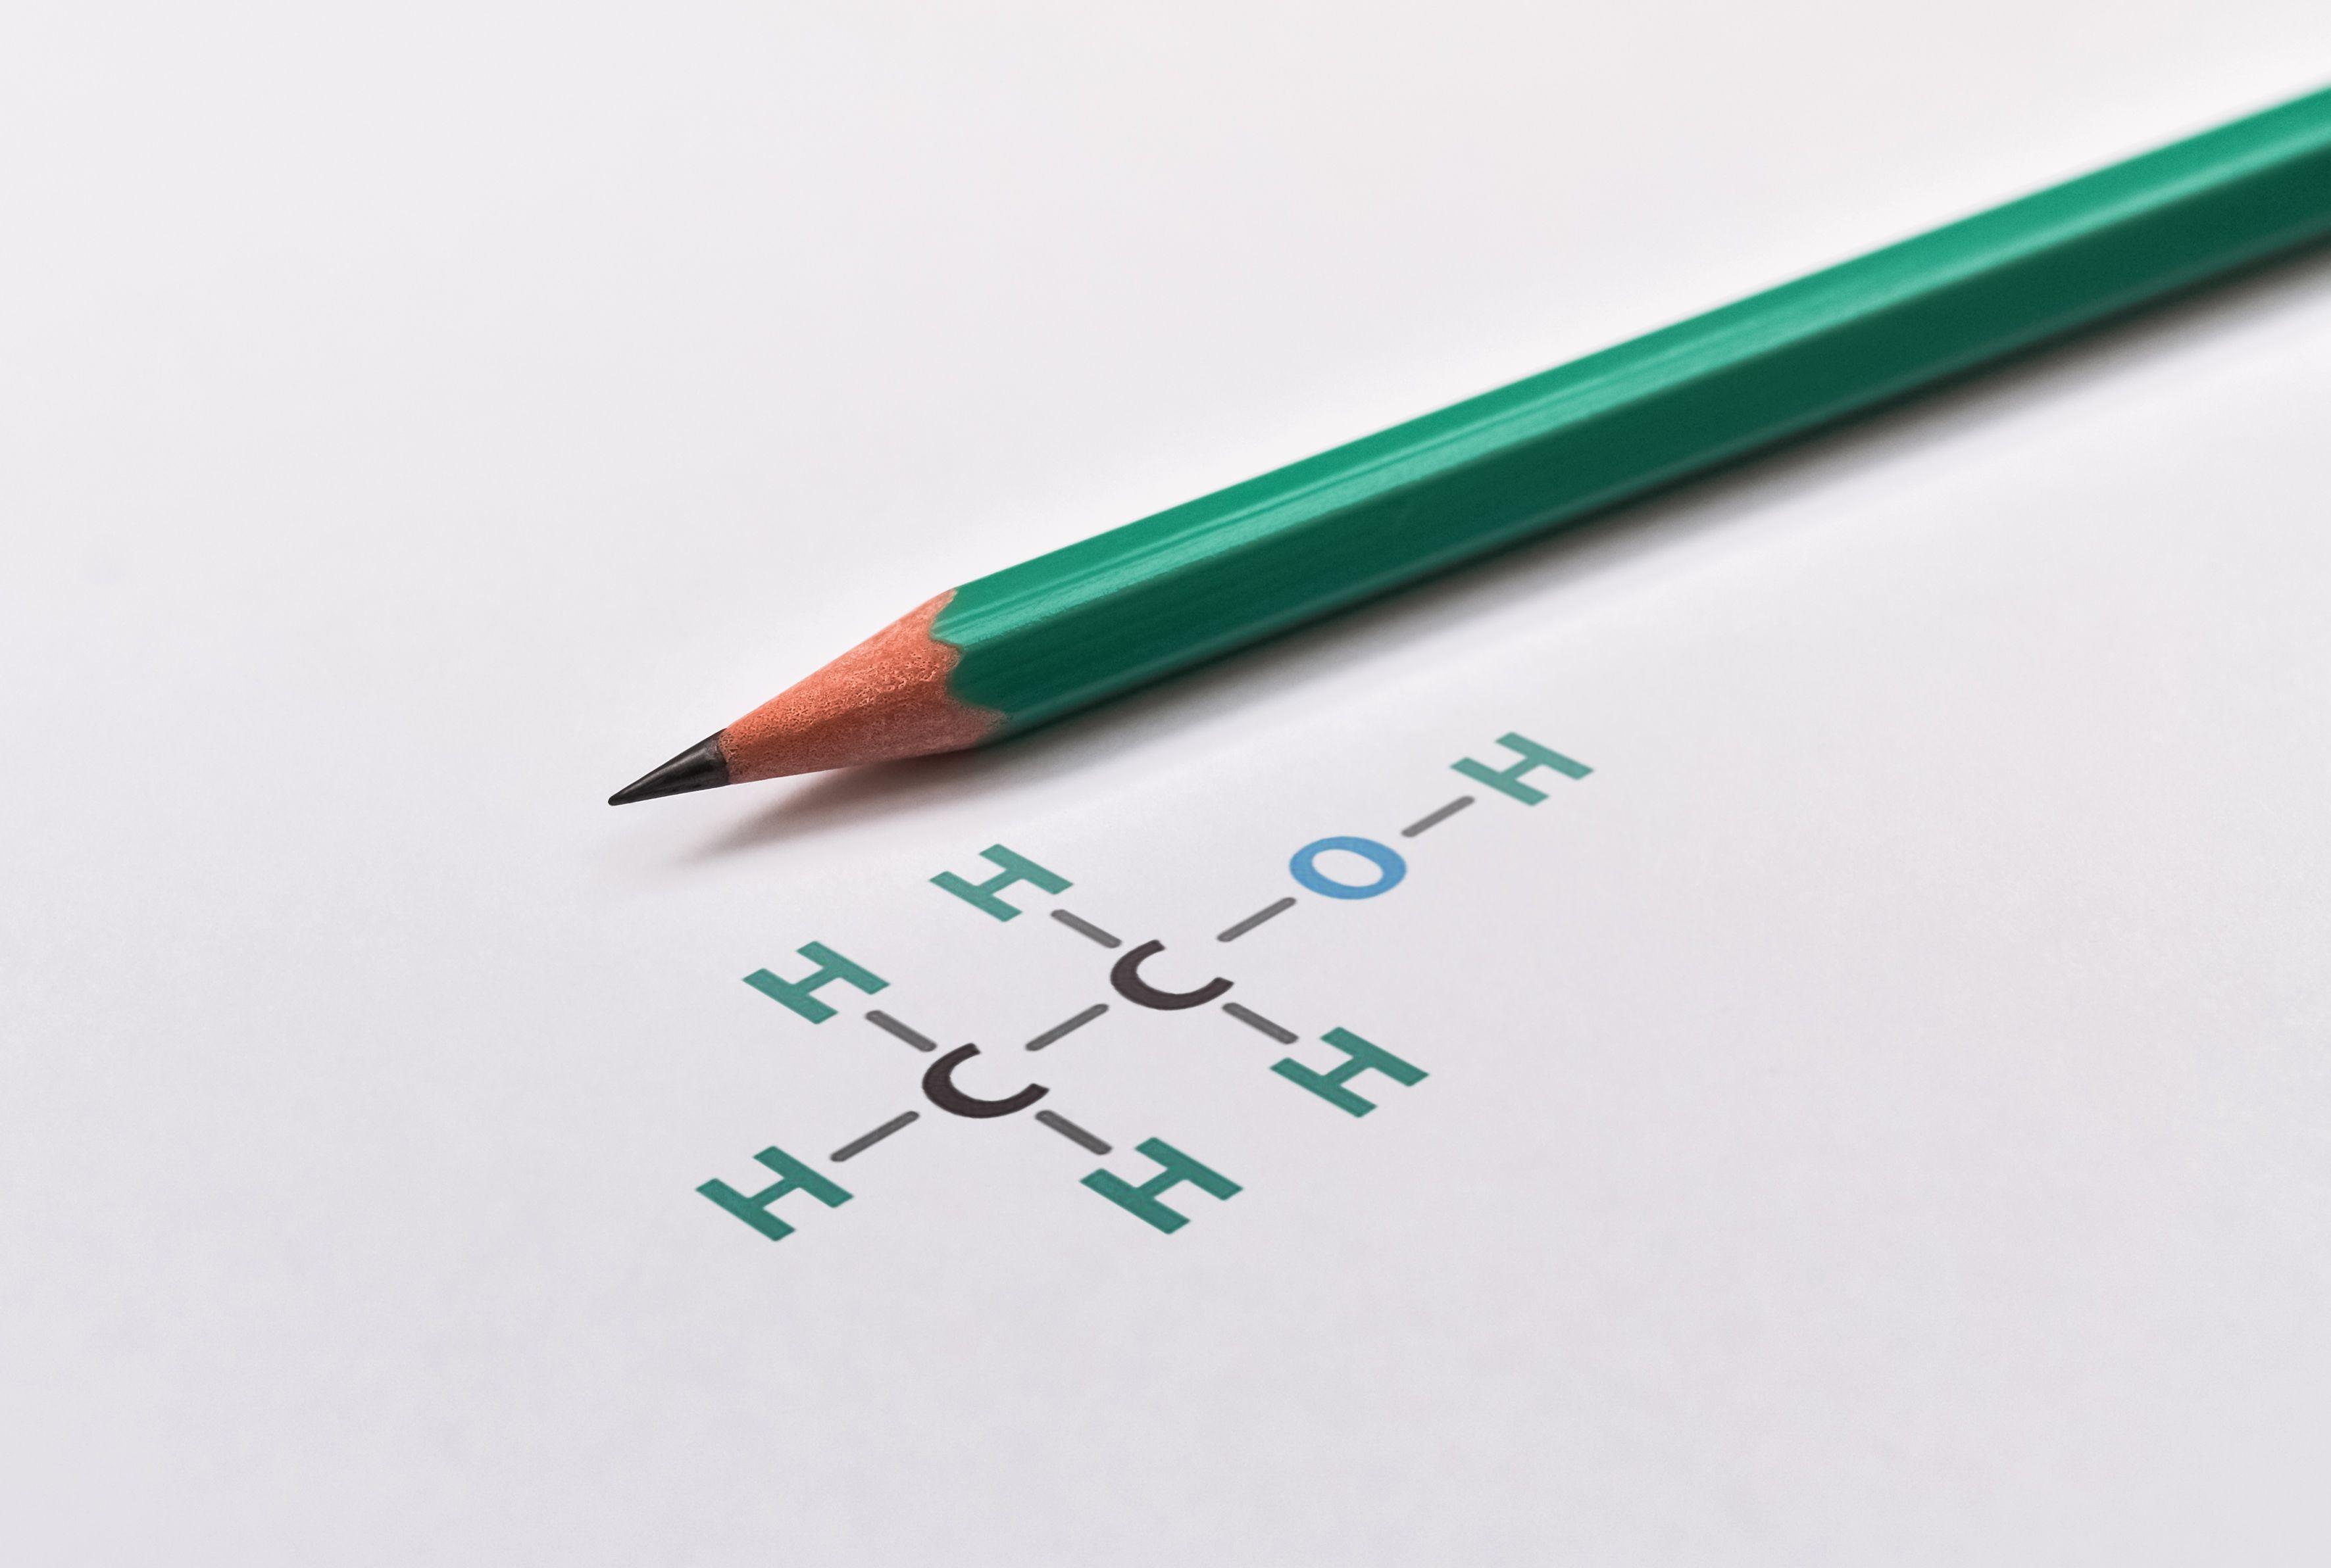 TÍnh chất của Ethanol như thế nào?